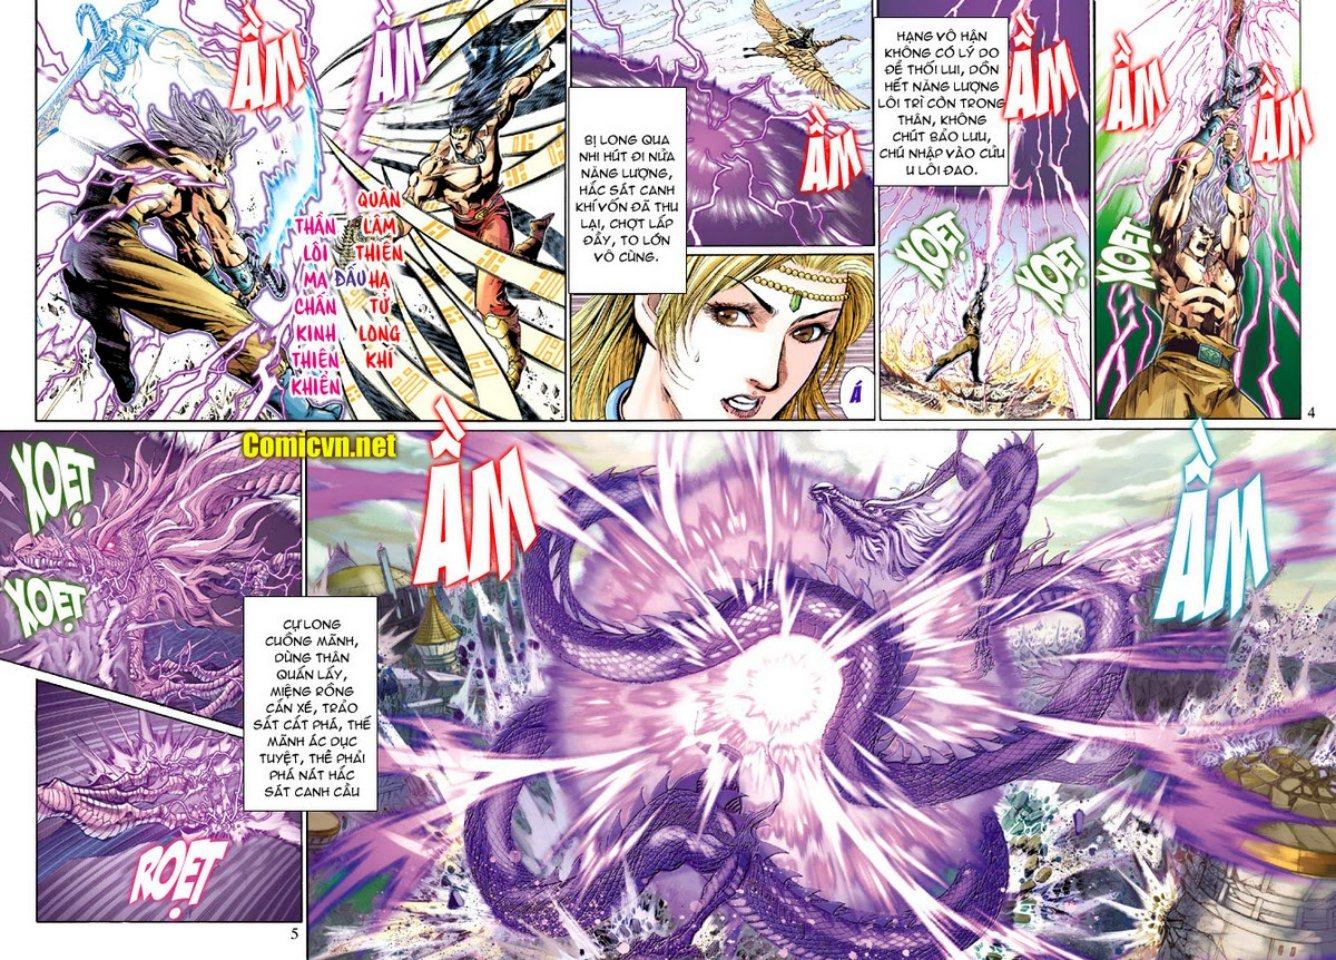 Thiên Tử Truyền Kỳ 5 - Như Lai Thần Chưởng chap 214 - Trang 5